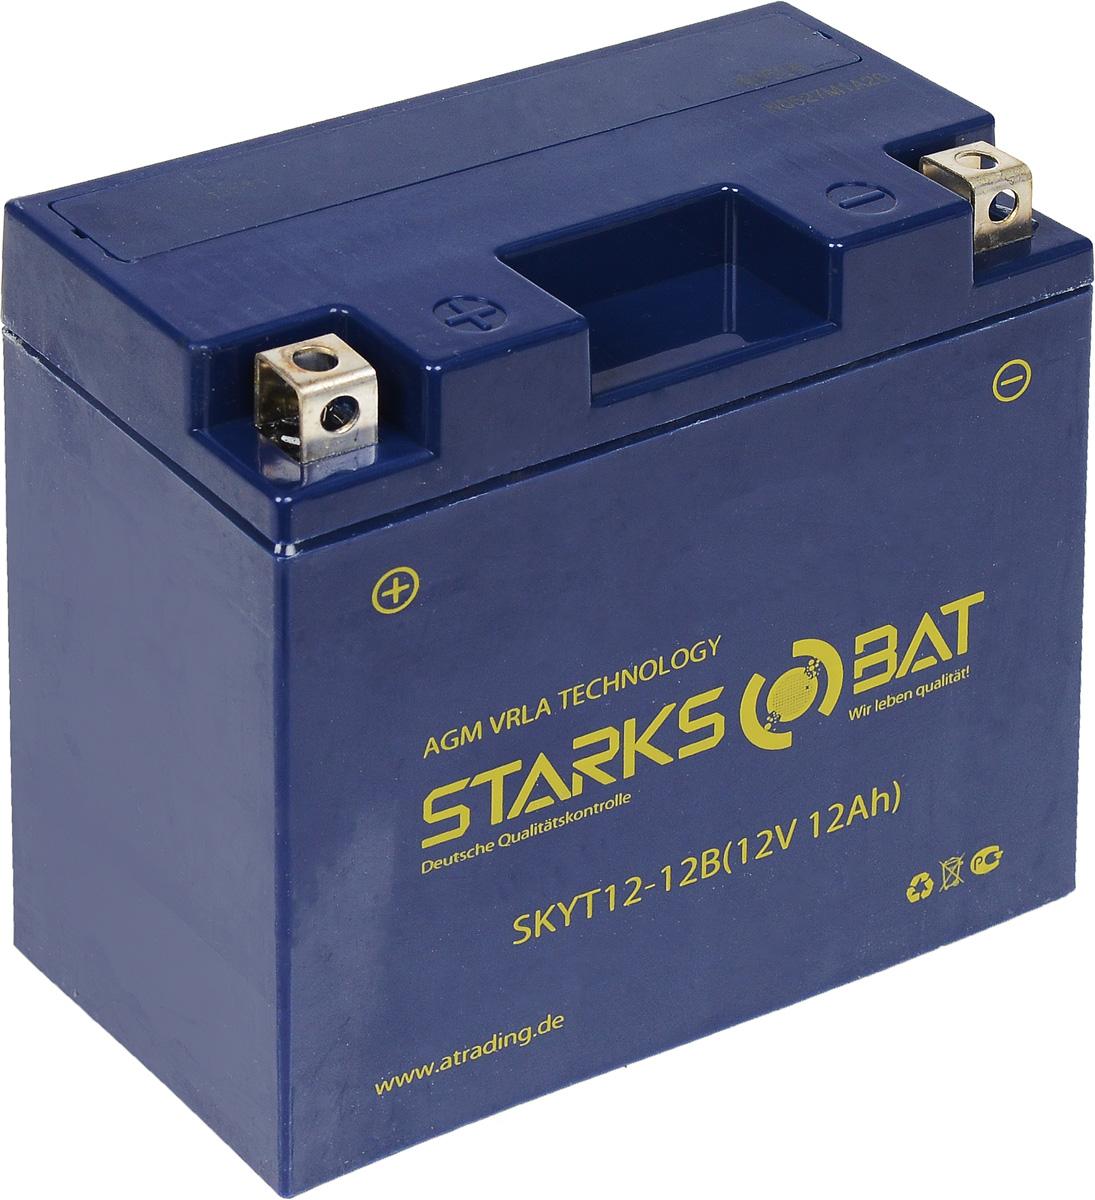 Батарея аккумуляторная для мотоциклов Starksbat. YT 12-12B (YT14B-BS)80621Аккумулятор Starksbat изготовлен по технологии AGM, обеспечивающей повышенный уровень безопасности батареи и удобство ее эксплуатации. Корпус выполнен из особо ударопрочного и морозостойкого полипропилена. Аккумулятор блестяще доказал свои высокие эксплуатационные свойства в самых экстремальных условиях бездорожья, высоких и низких температур.Аккумуляторная батарея Starksbat производится под знаменитым немецким контролем качества, что обеспечивает ему высокие пусковые характеристики и восстановление емкости даже после глубокого разряда.Напряжение: 12 В.Емкость: 12 Ач.Полярность: прямая (+ -).Ток холодной прокрутки: 160 Аh (EN).